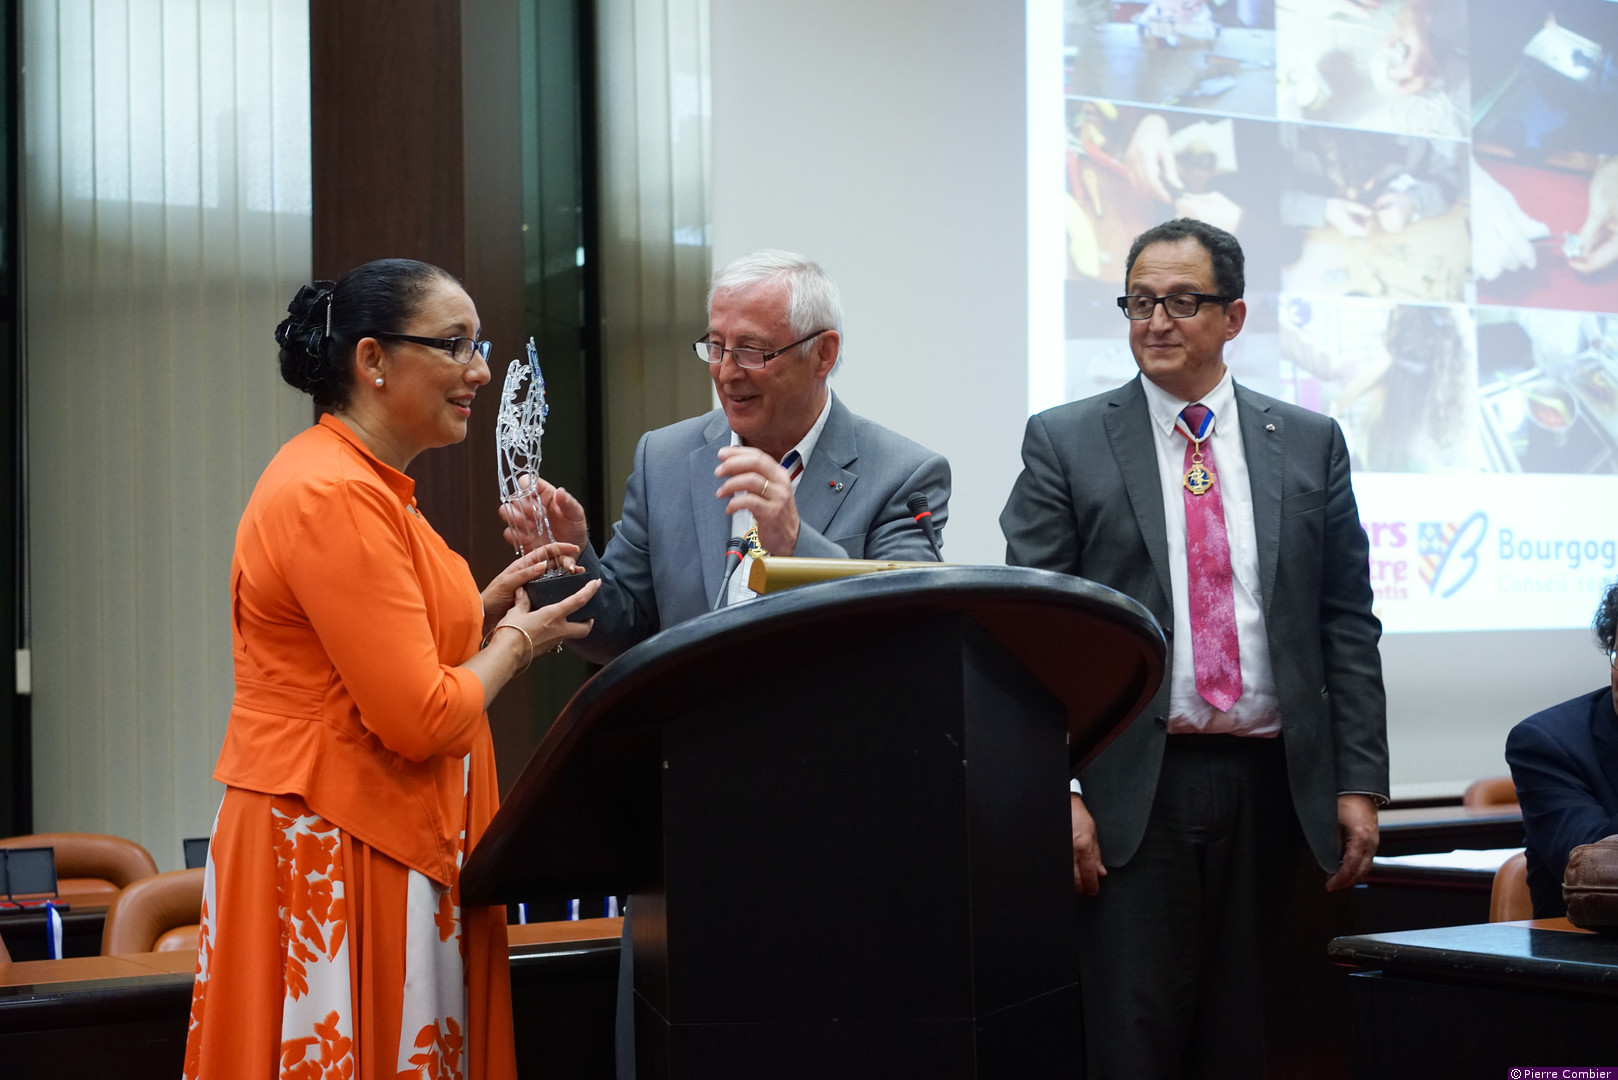 Trophée réalisé pour la société MOF et remis au président du conseil régional de Bourgog